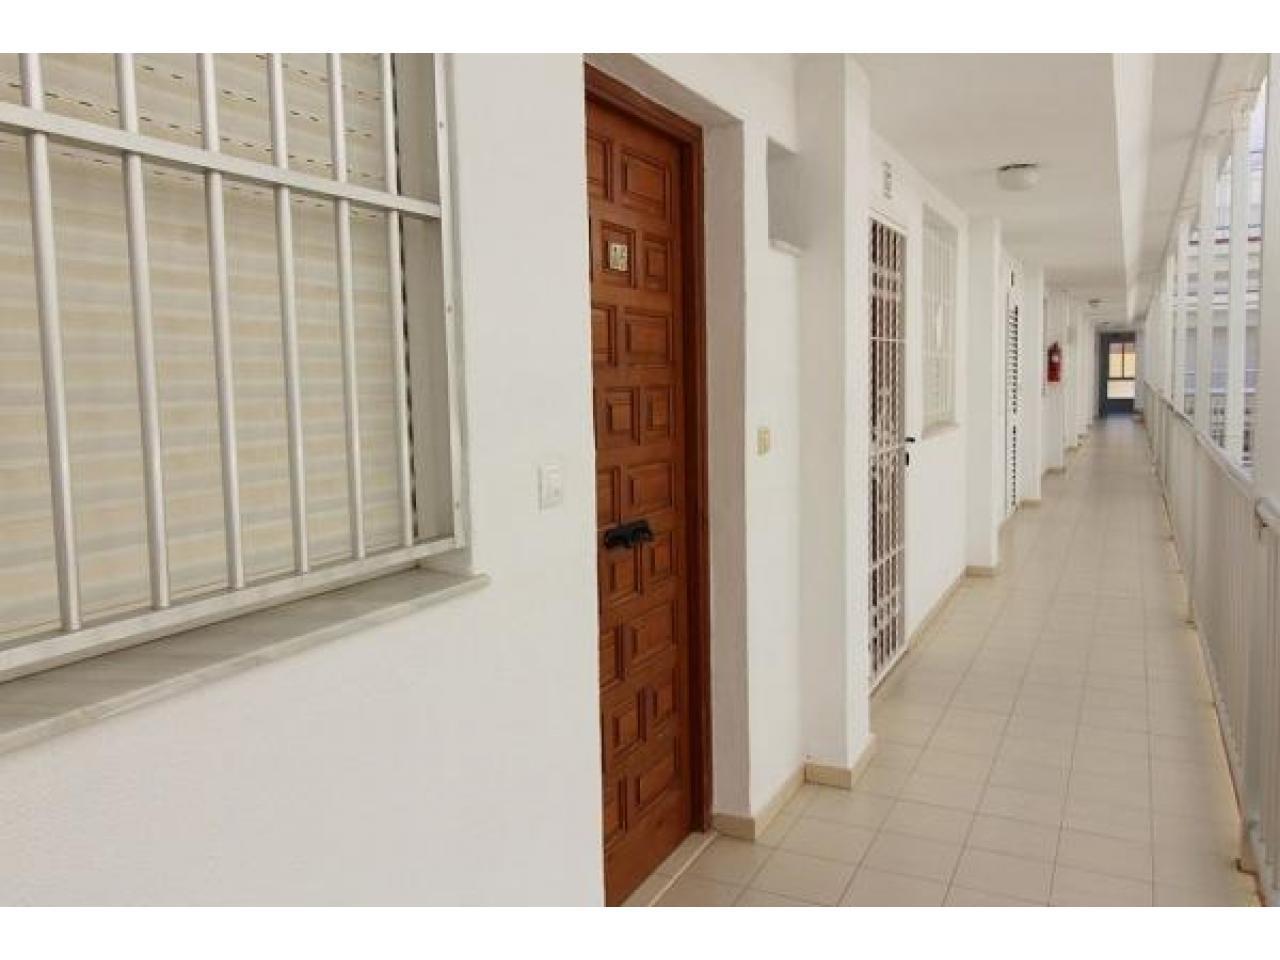 Недвижимость в Испании, Квартира с видами на море в Ла Мата,Коста Бланка,Испания - 7